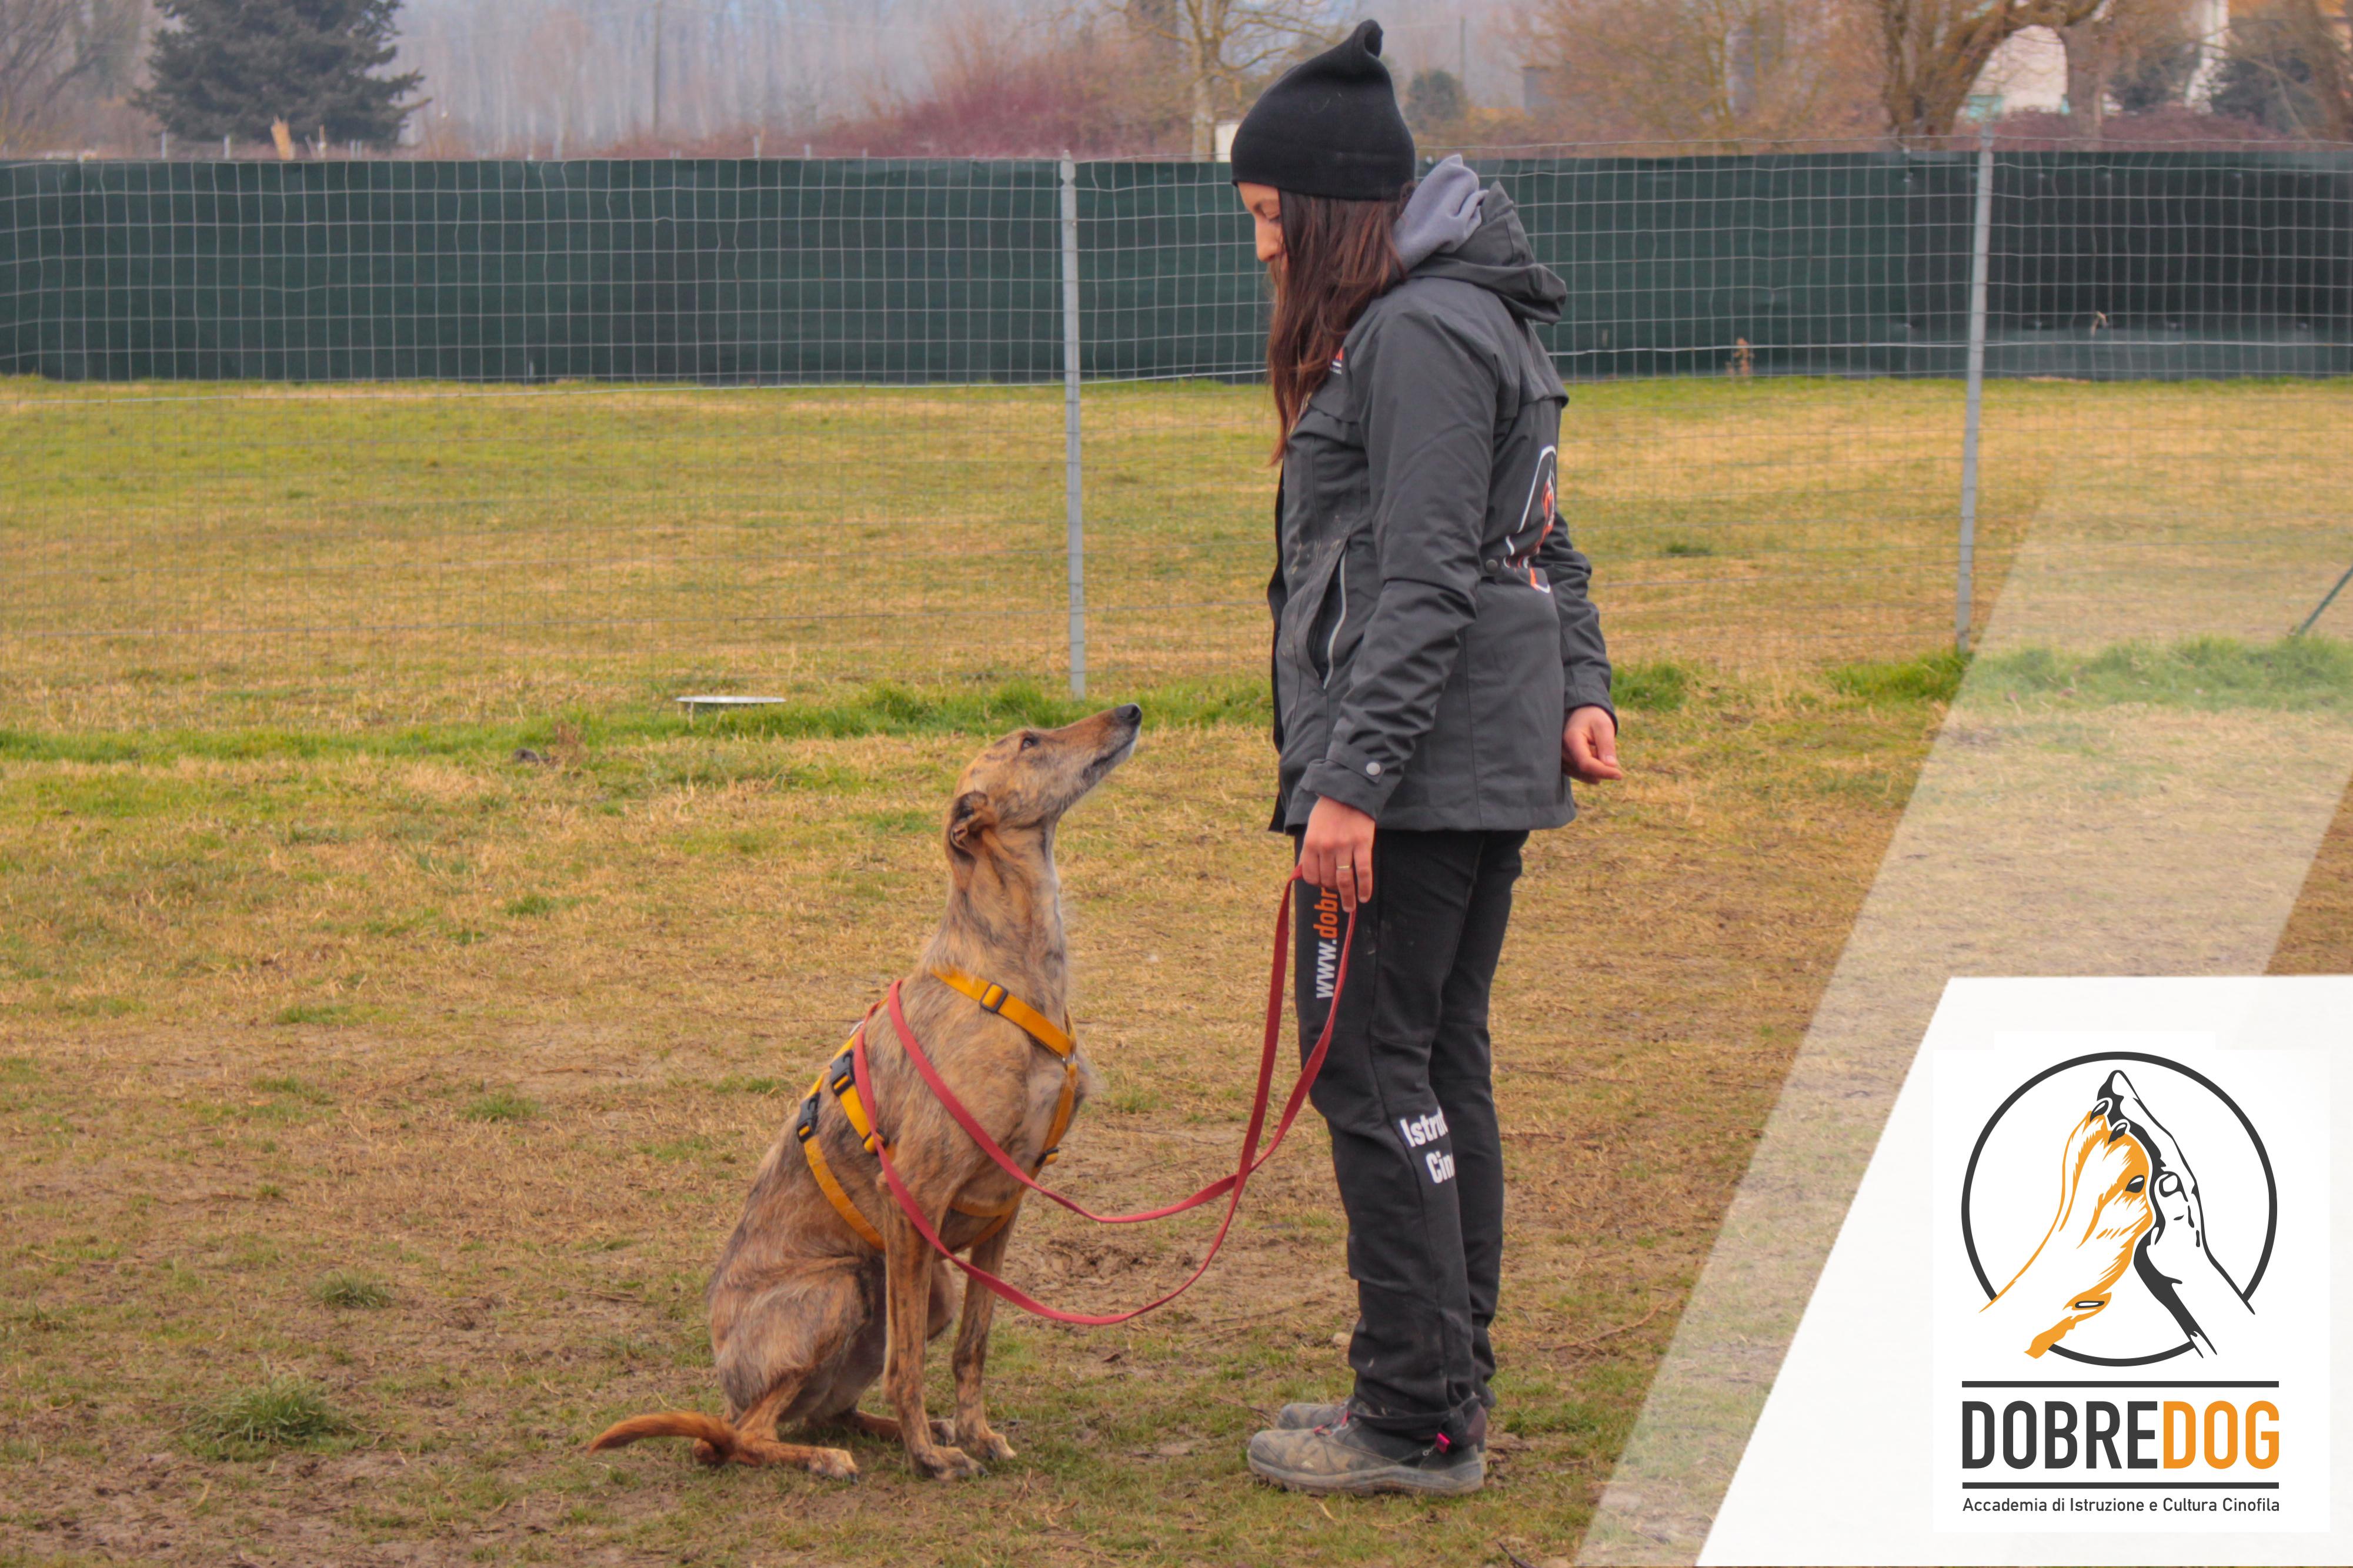 Istruttrice cinofila del Centro Cinofilo Dobredog con un cane Levriero durante le classi di lavoro